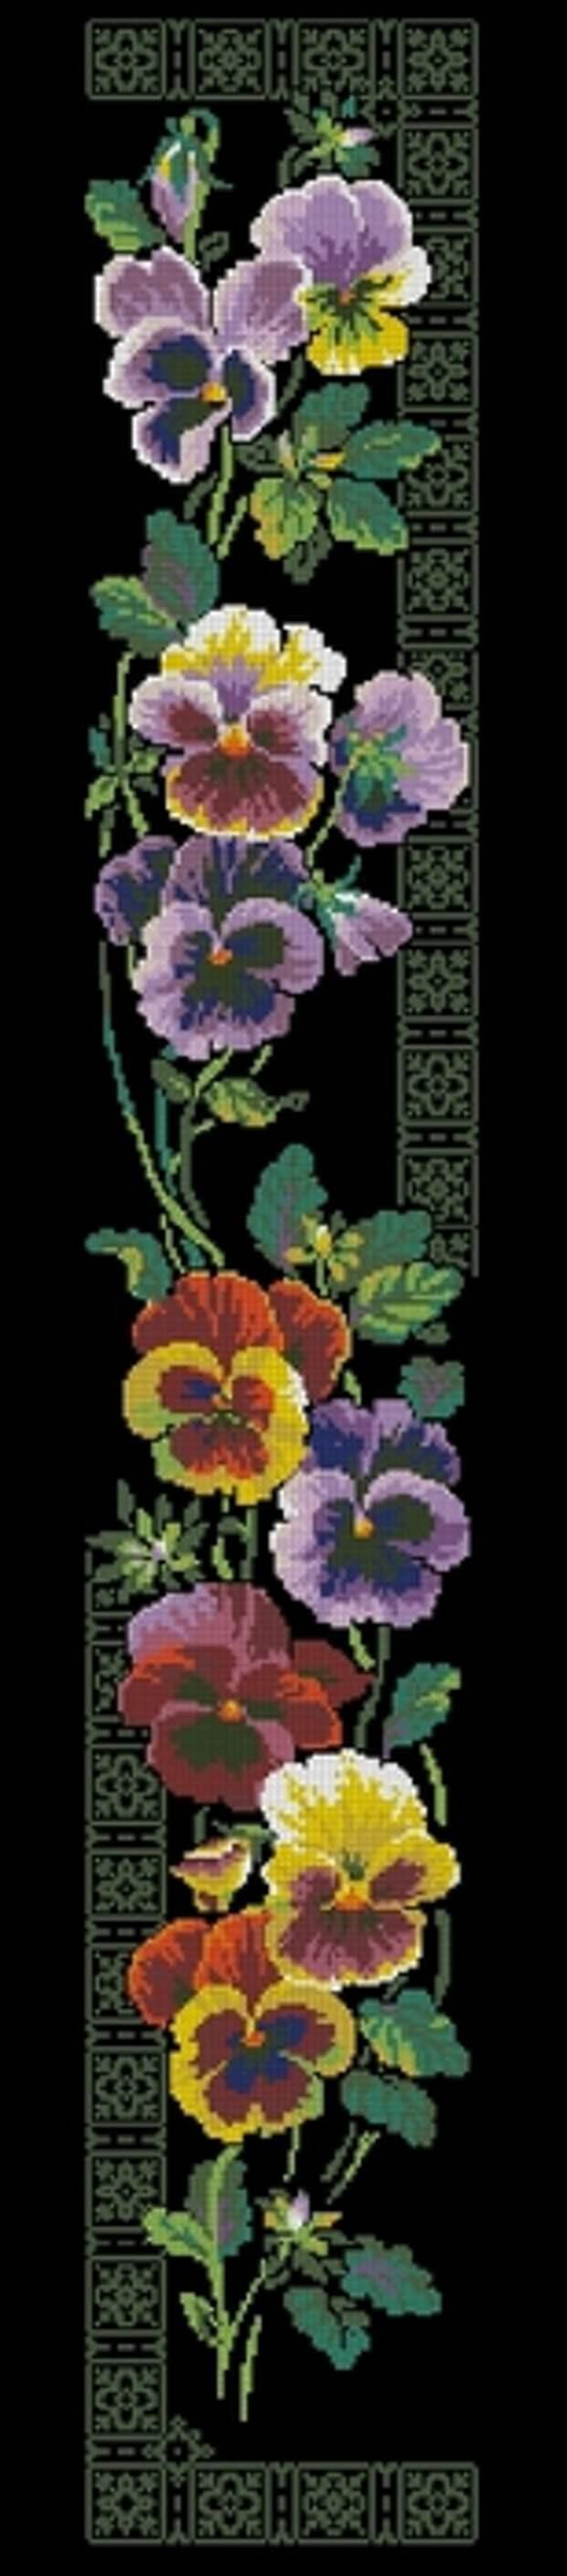 ВЫШИВАЙКА. Цветочные панельки: Анютины глазки